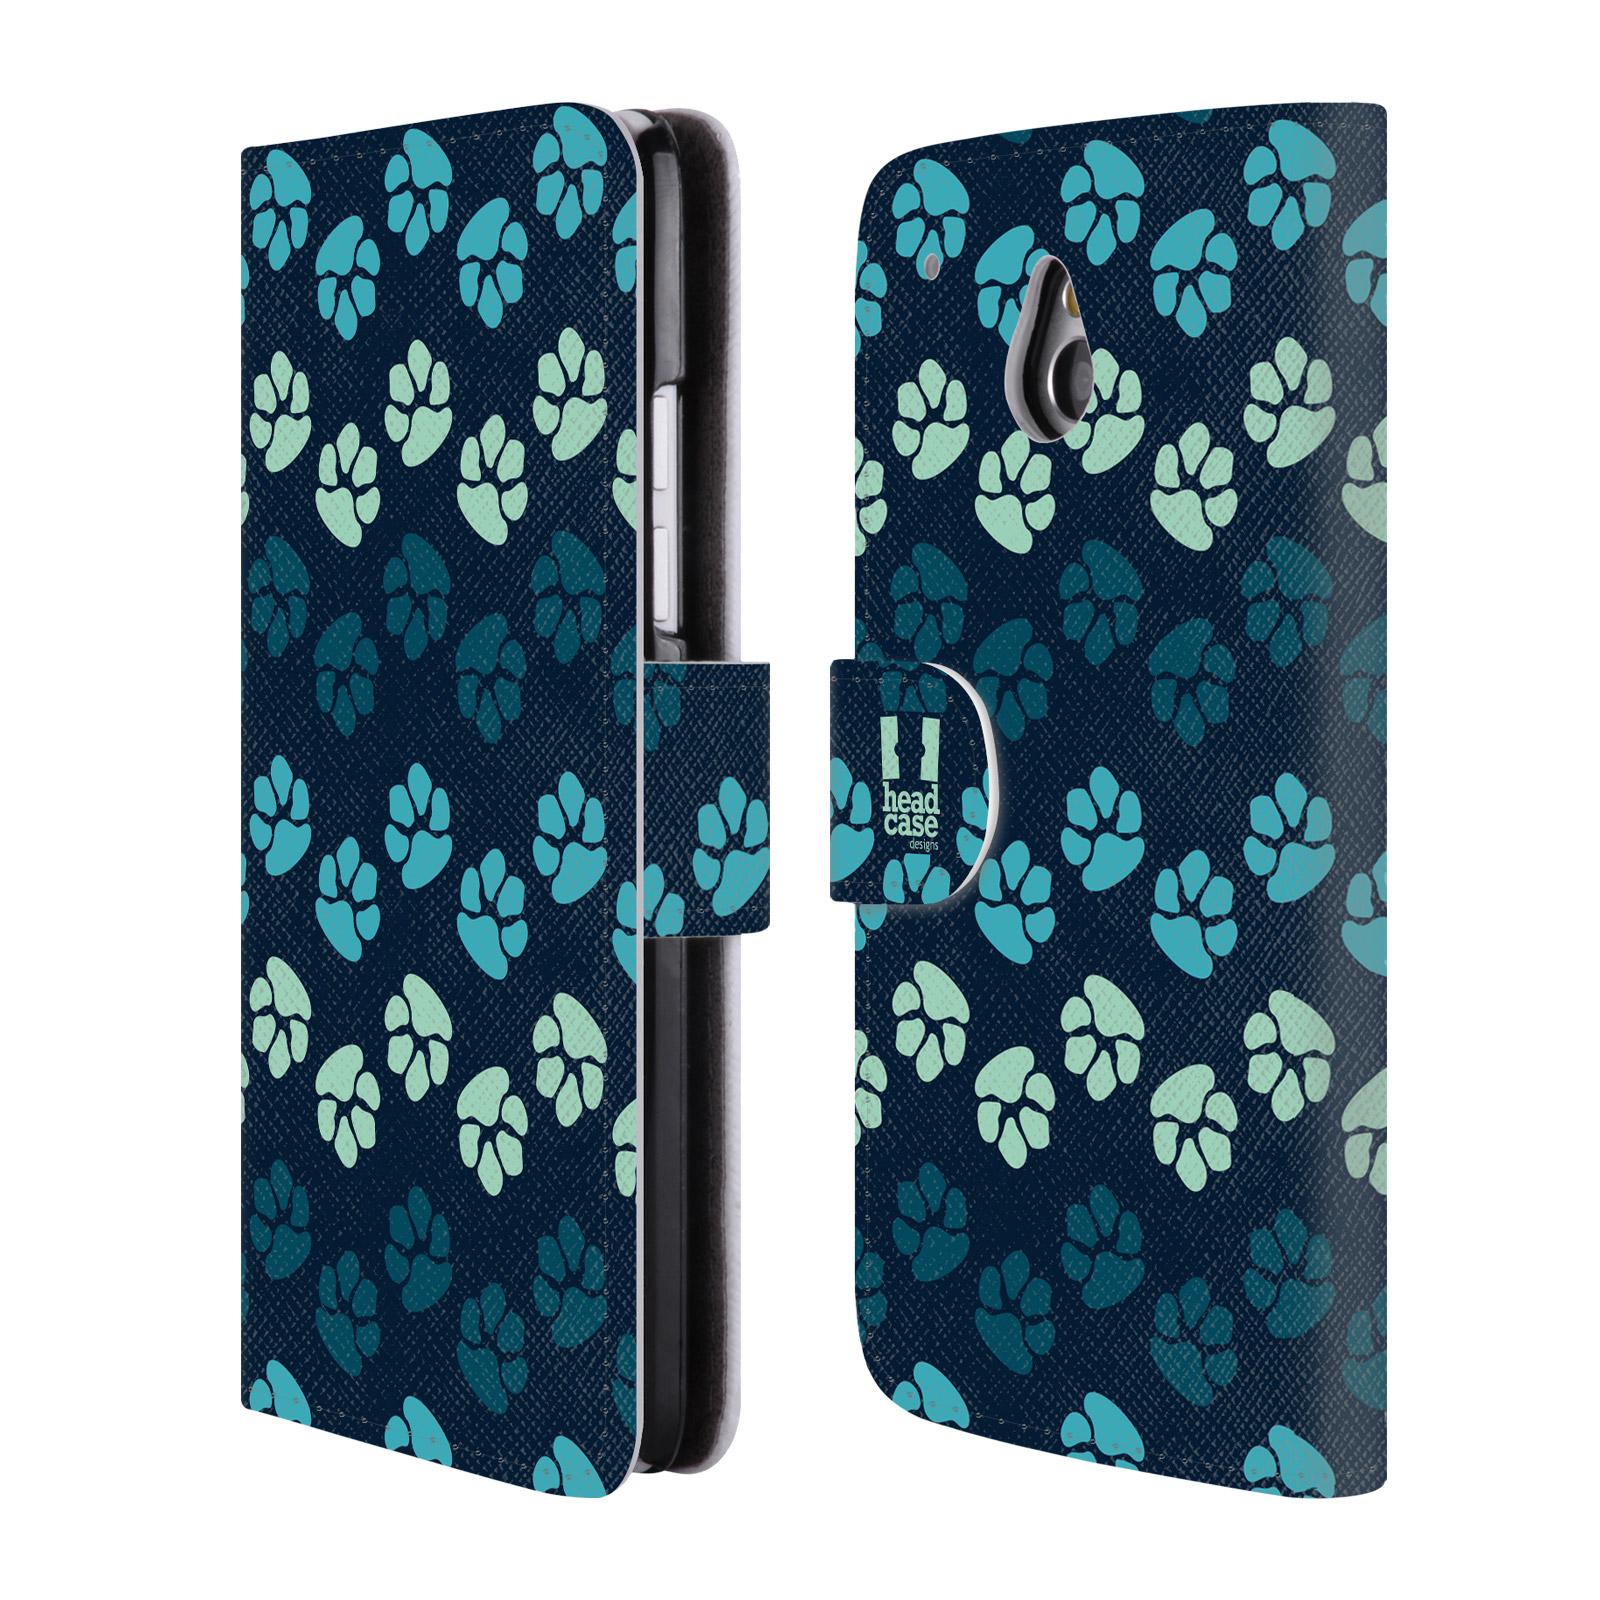 HEAD CASE Flipové pouzdro pro mobil HTC ONE MINI (M4) Pejsek ťapky modrá barva